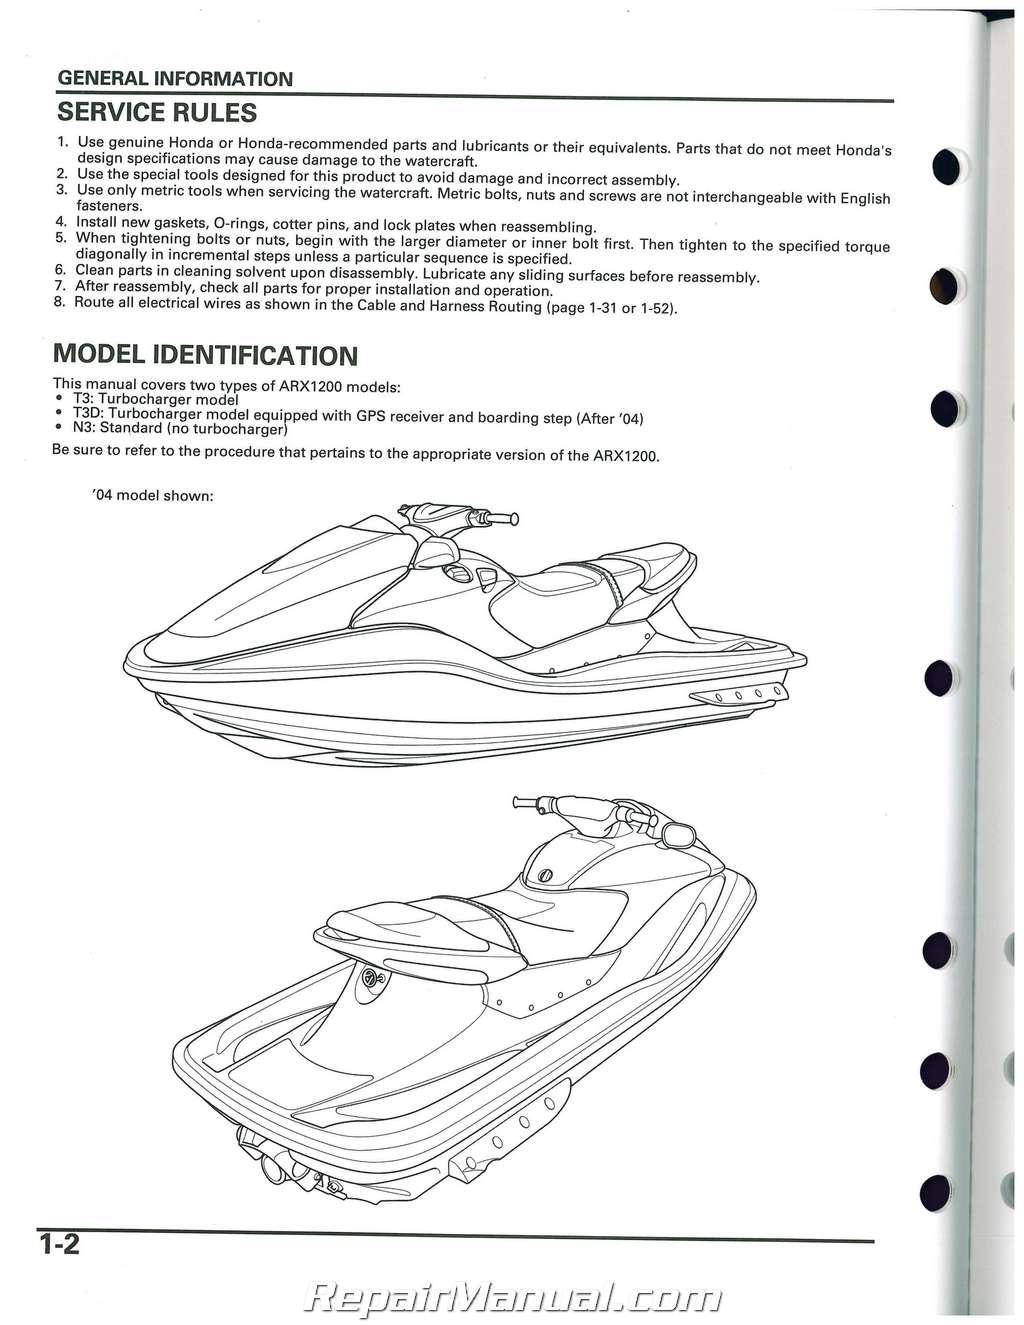 2004 2007 honda arx1200 aquatrax n3 t3 t3d owners service 2004 Honda Aquatrax R12 2004 Honda Aquatrax Problems